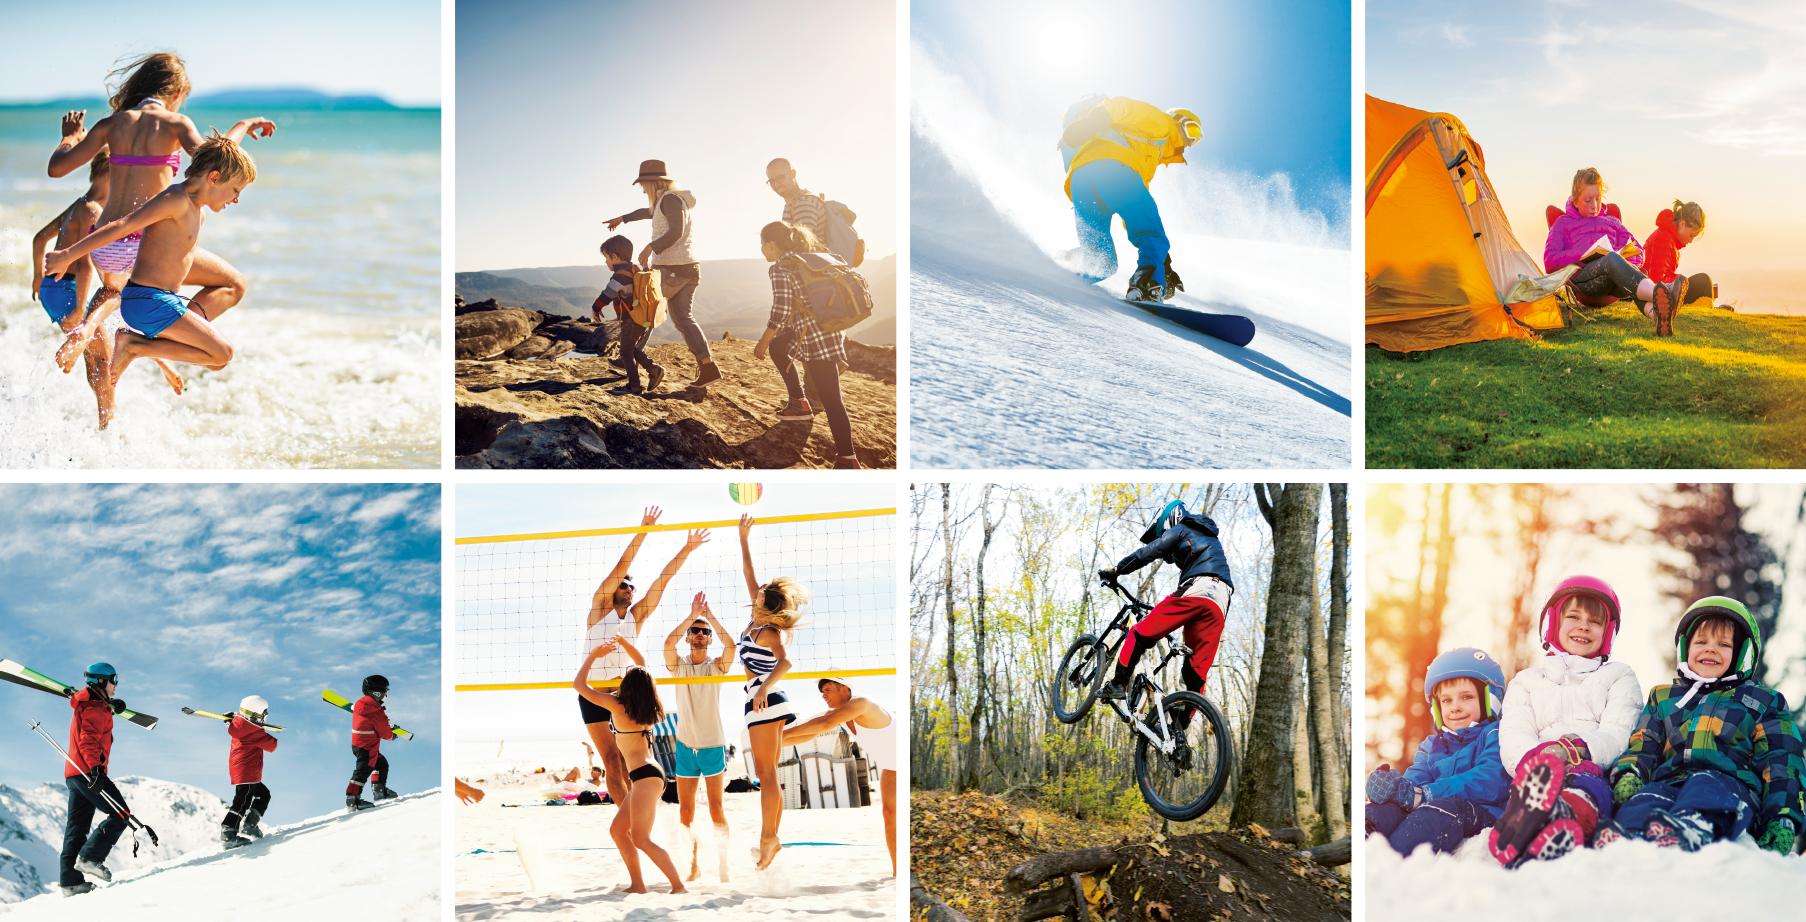 [photo] Trên lưới ảnh là 8 bức ảnh thể hiện cảnh gia đình đang tham gia các hoạt động ngoài trời theo mùa